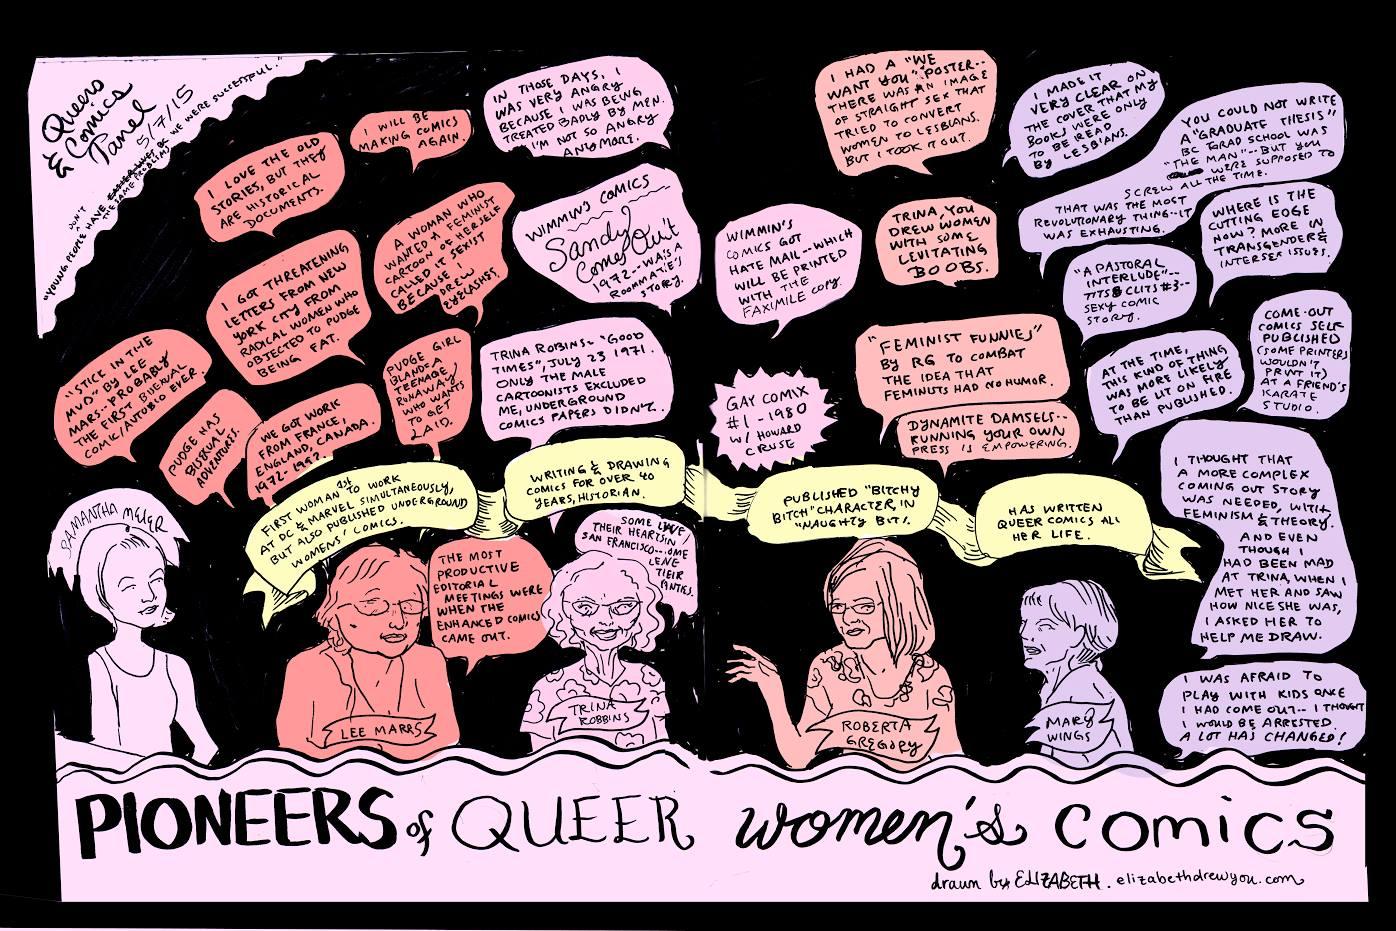 Panel: Women in comics